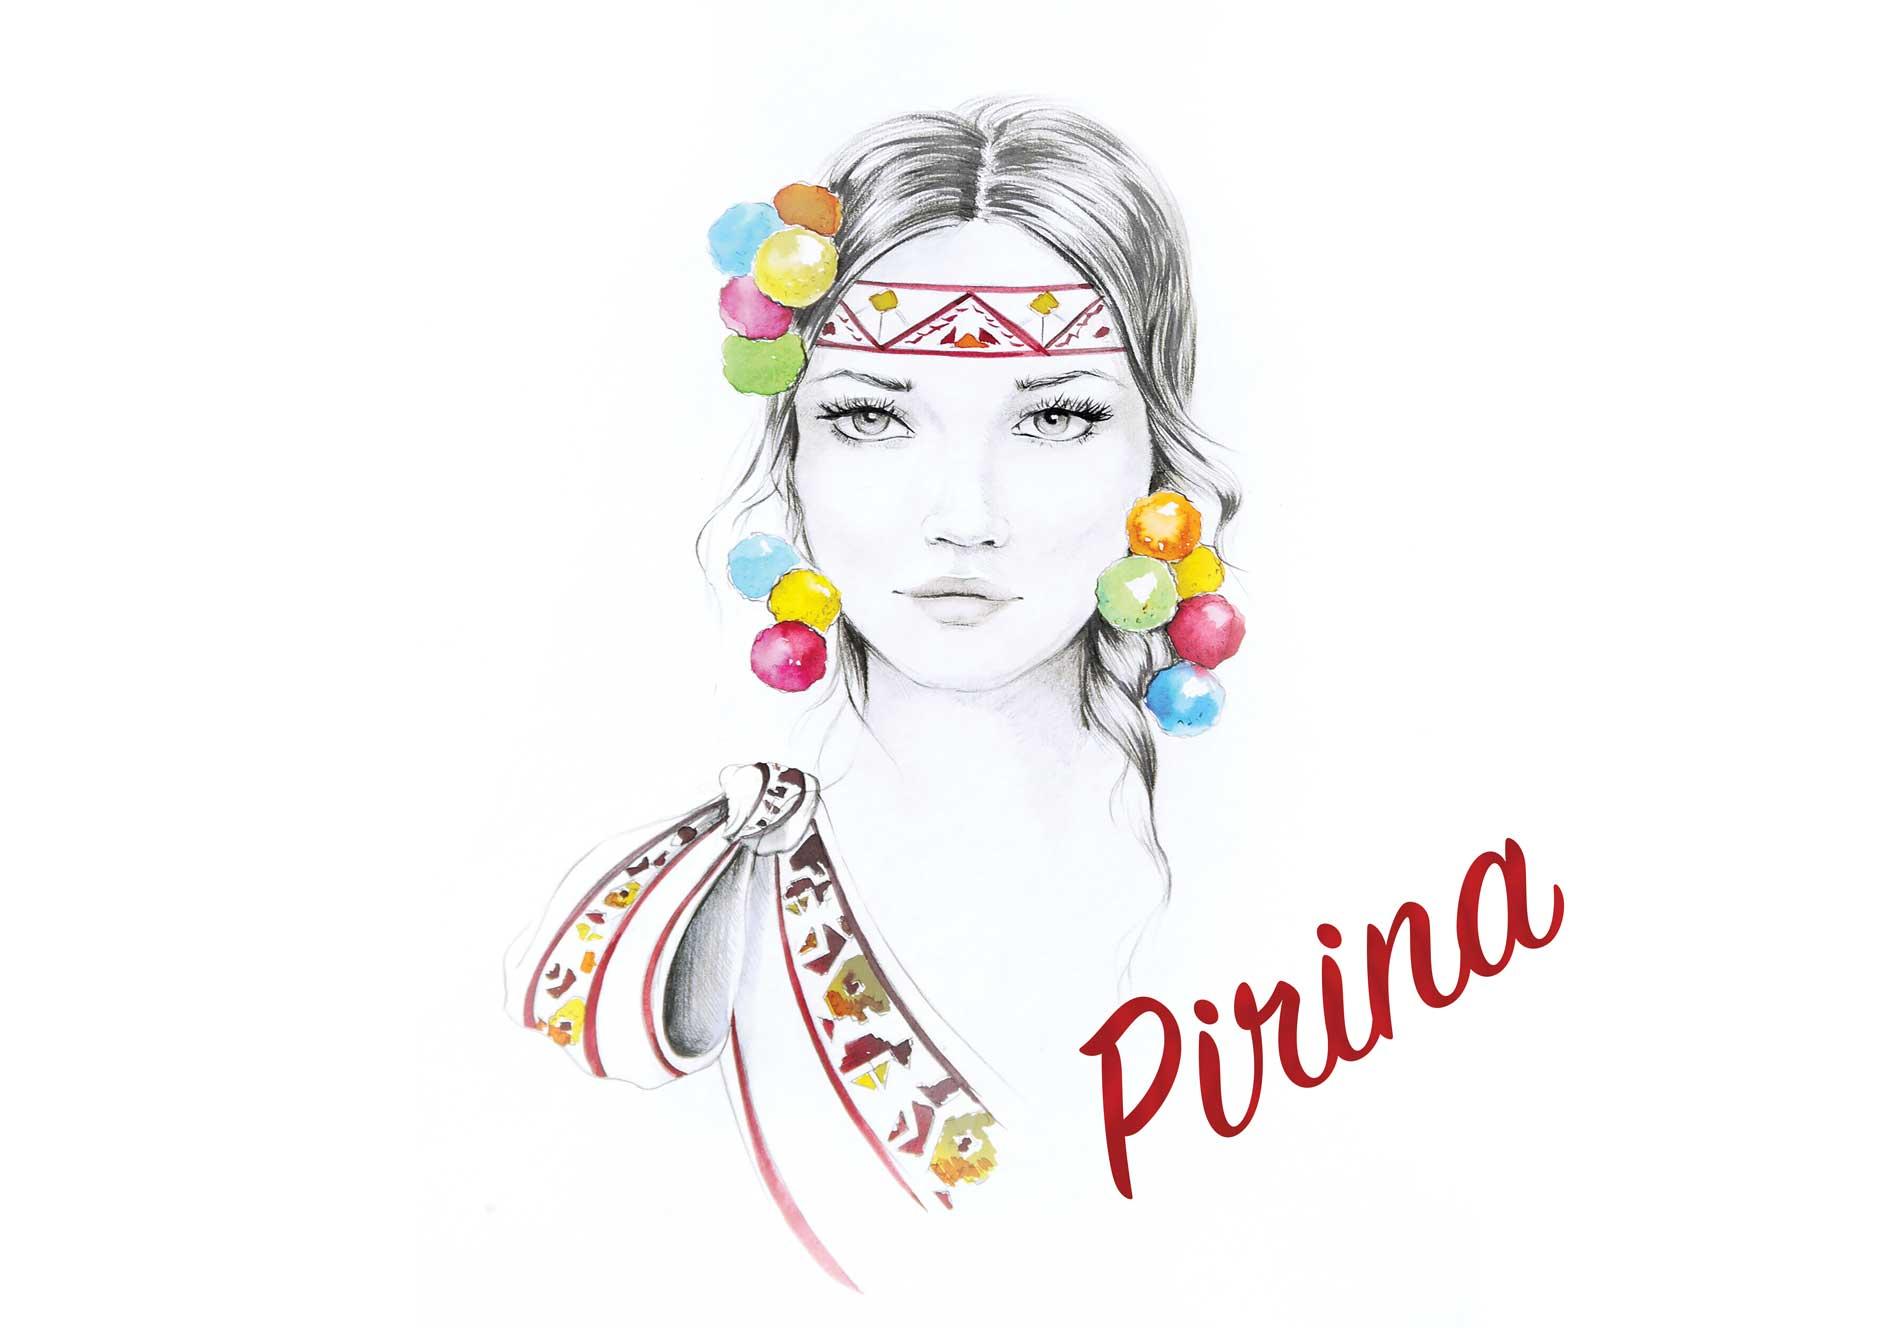 pirina_001